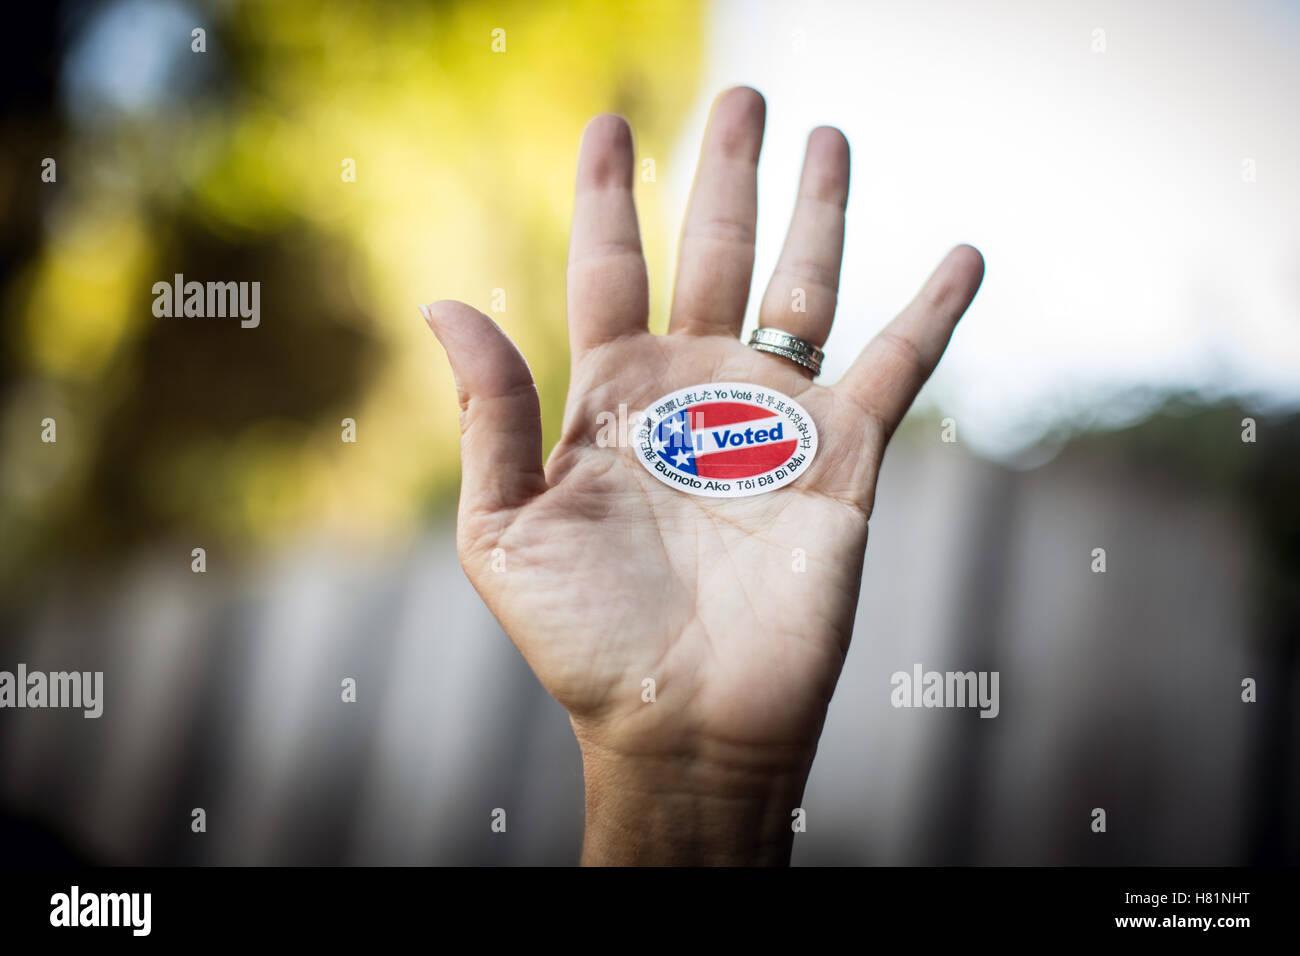 He votado en la pegatina. Imagen De Stock